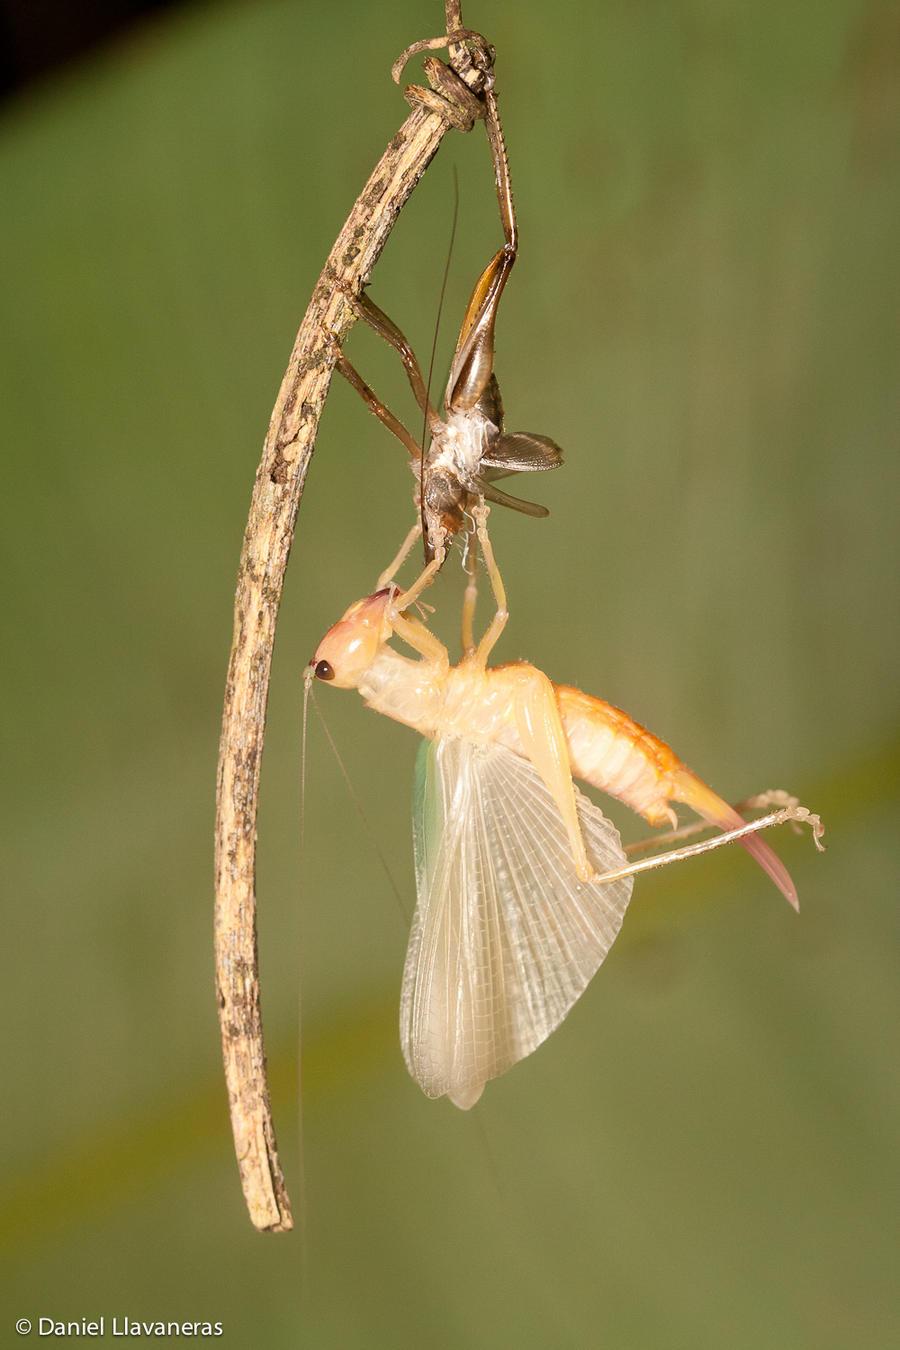 Molting katydid by dllavaneras